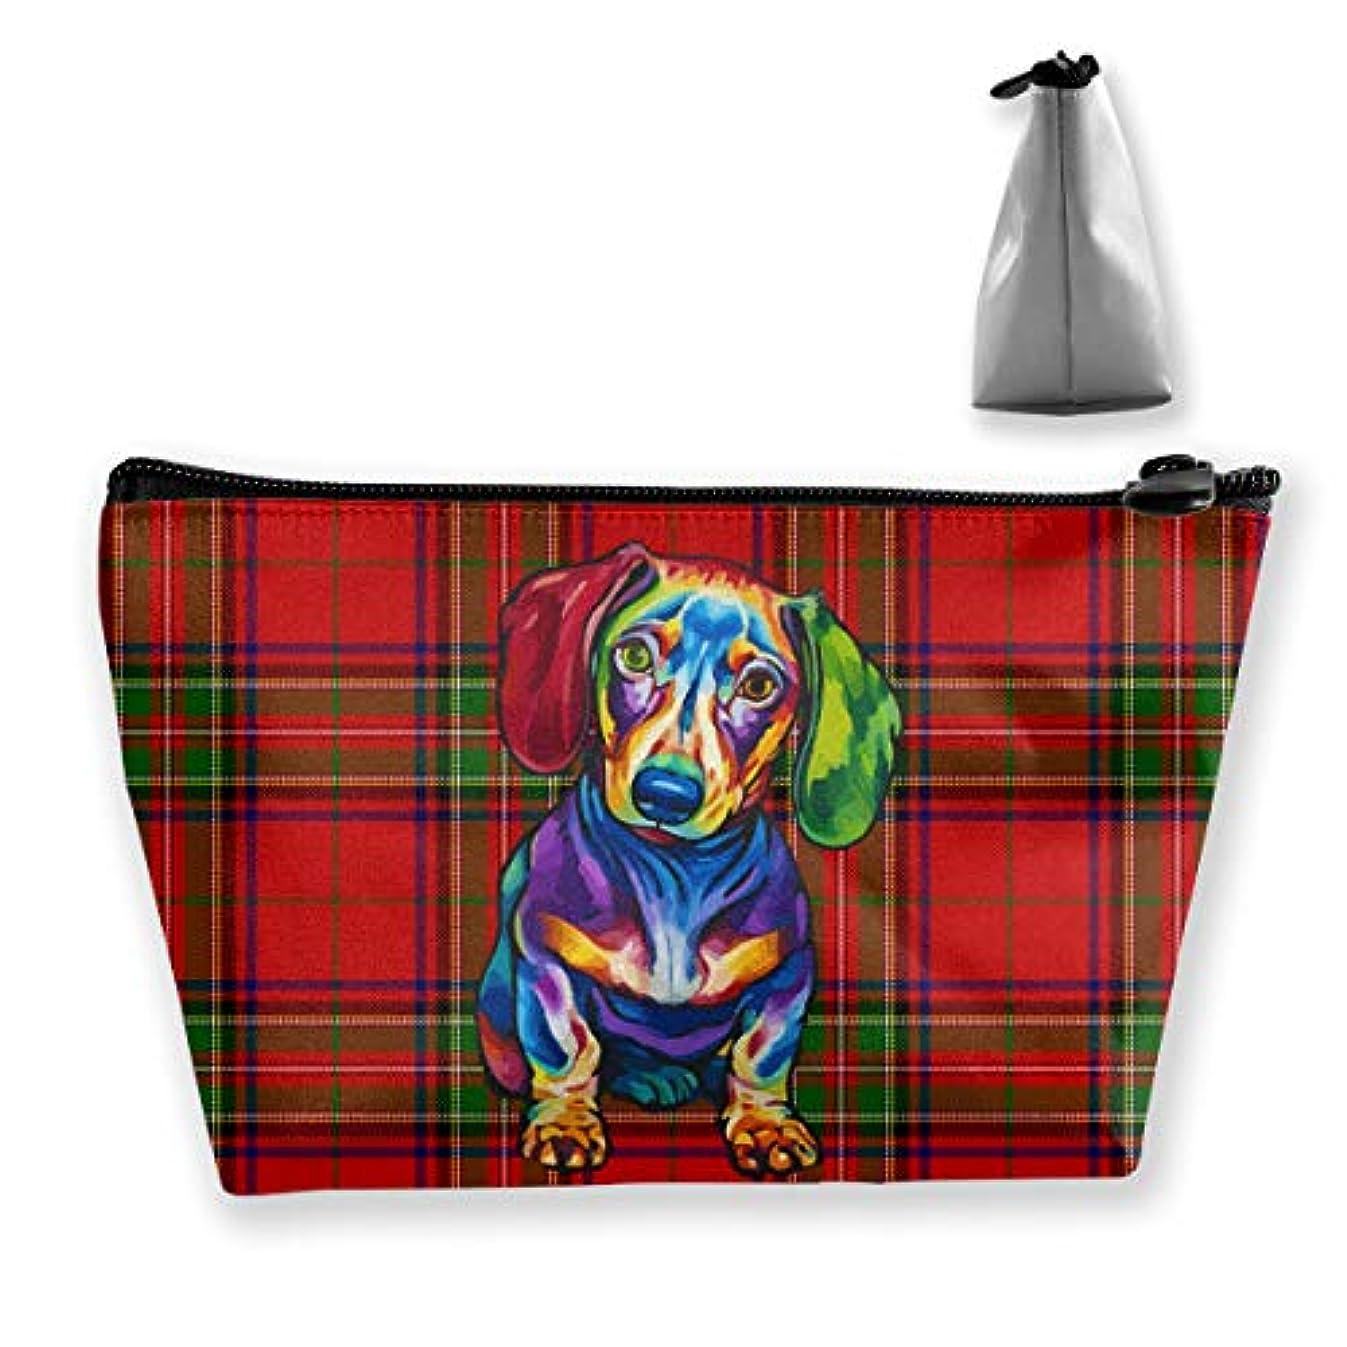 リフレッシュホール製造Szsgqkj 赤いスコットランドの柄 猟腸犬 化粧品袋の携帯用旅行構造の袋の洗面用品の主催者